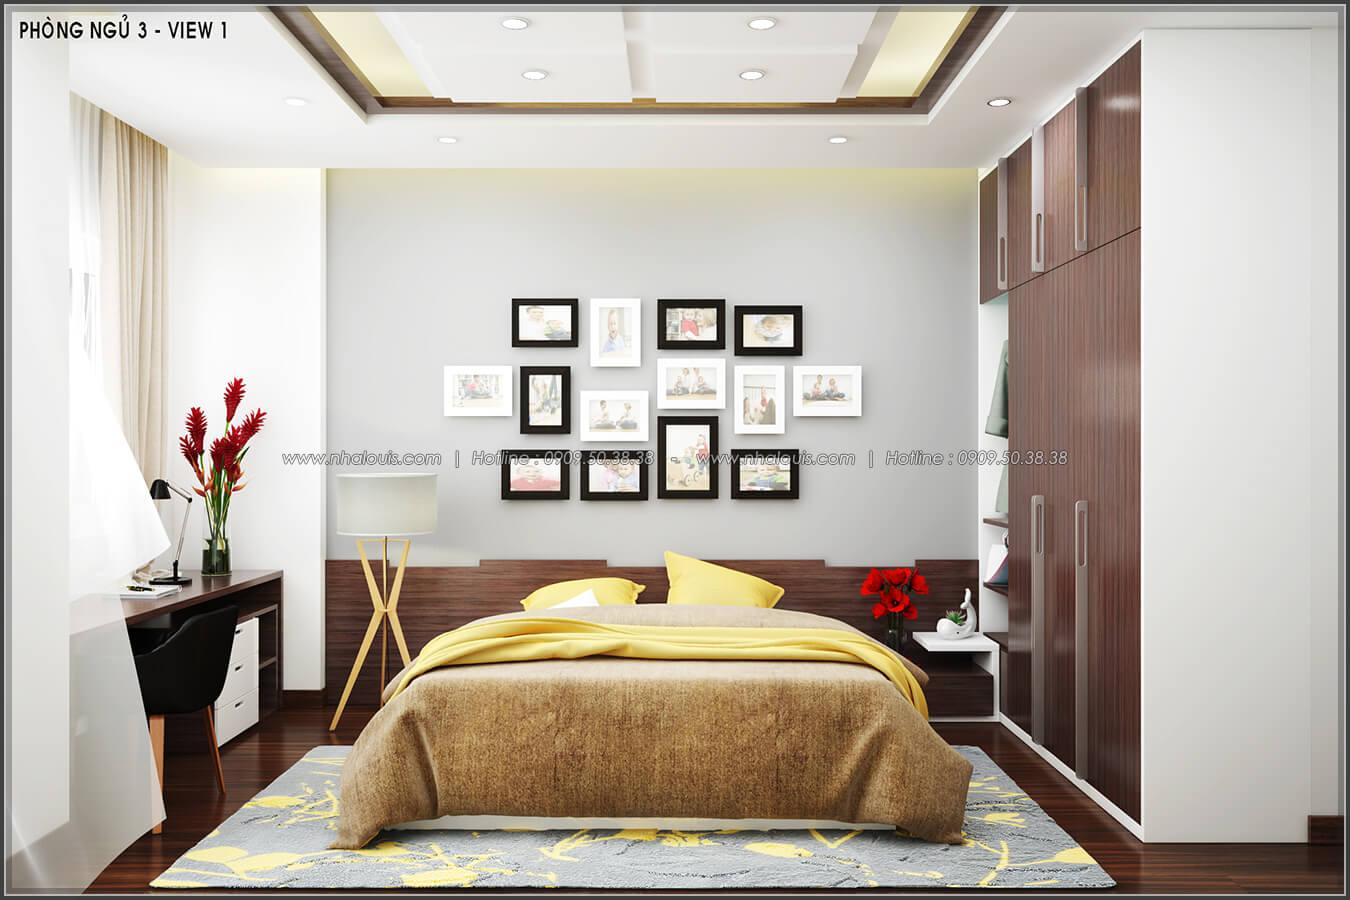 Phòng ngủ Thiết kế nội thất nhà phố đẹp tone gỗ ấm áp và sang trọng quận Tân Bình - 12